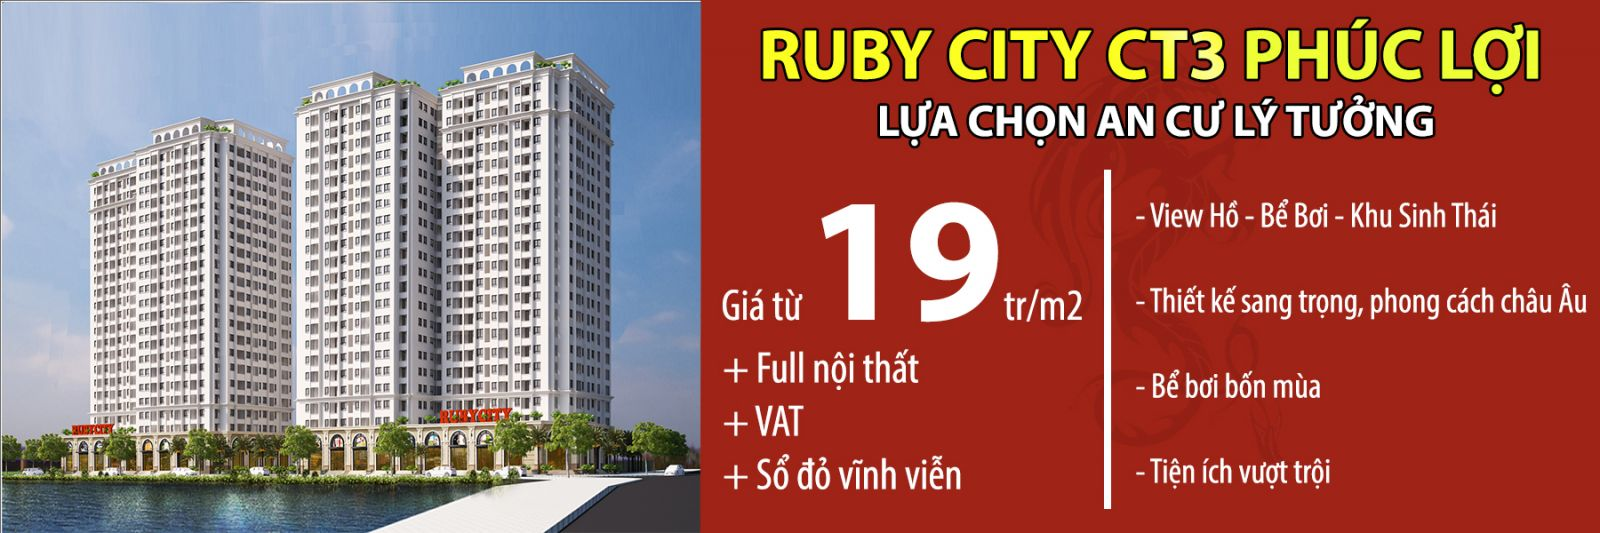 Mở bán Chung cư Ruby City CT3 đang đến gần